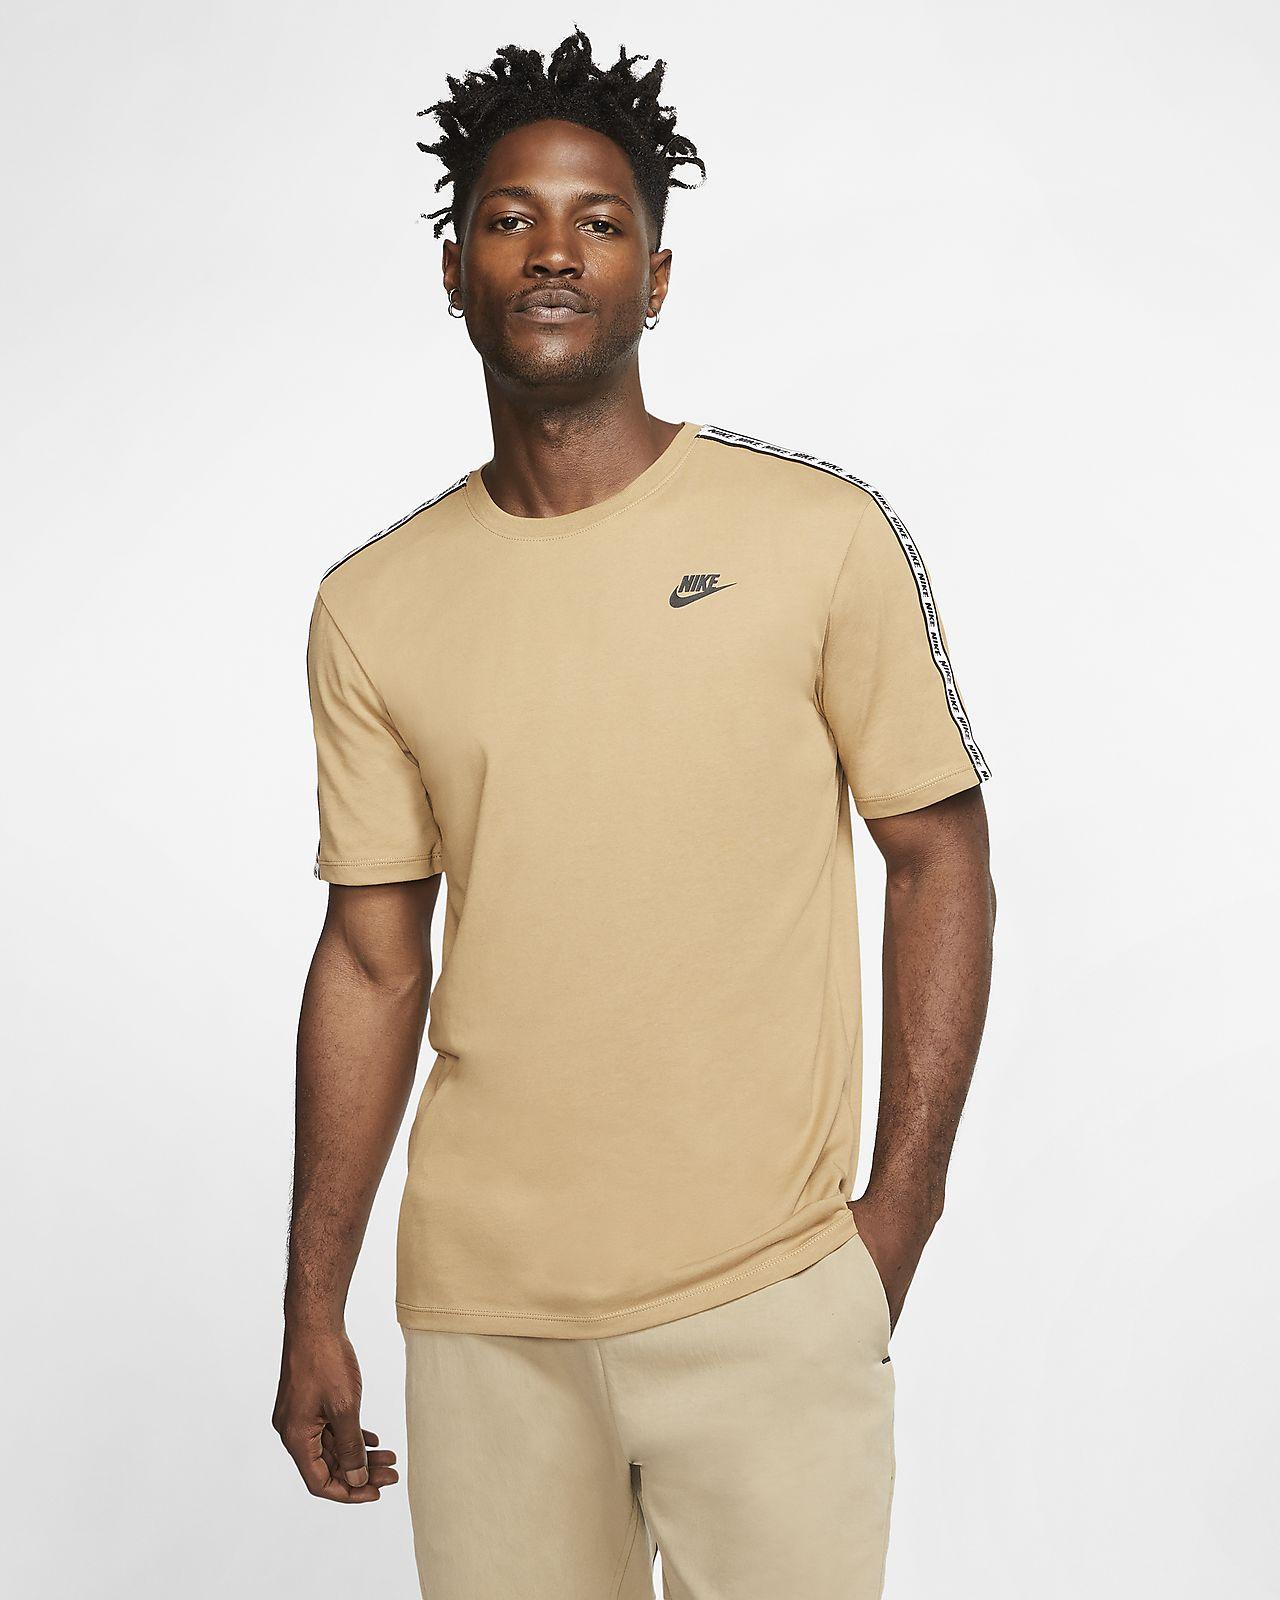 Nike Sportswear Men's T Shirt